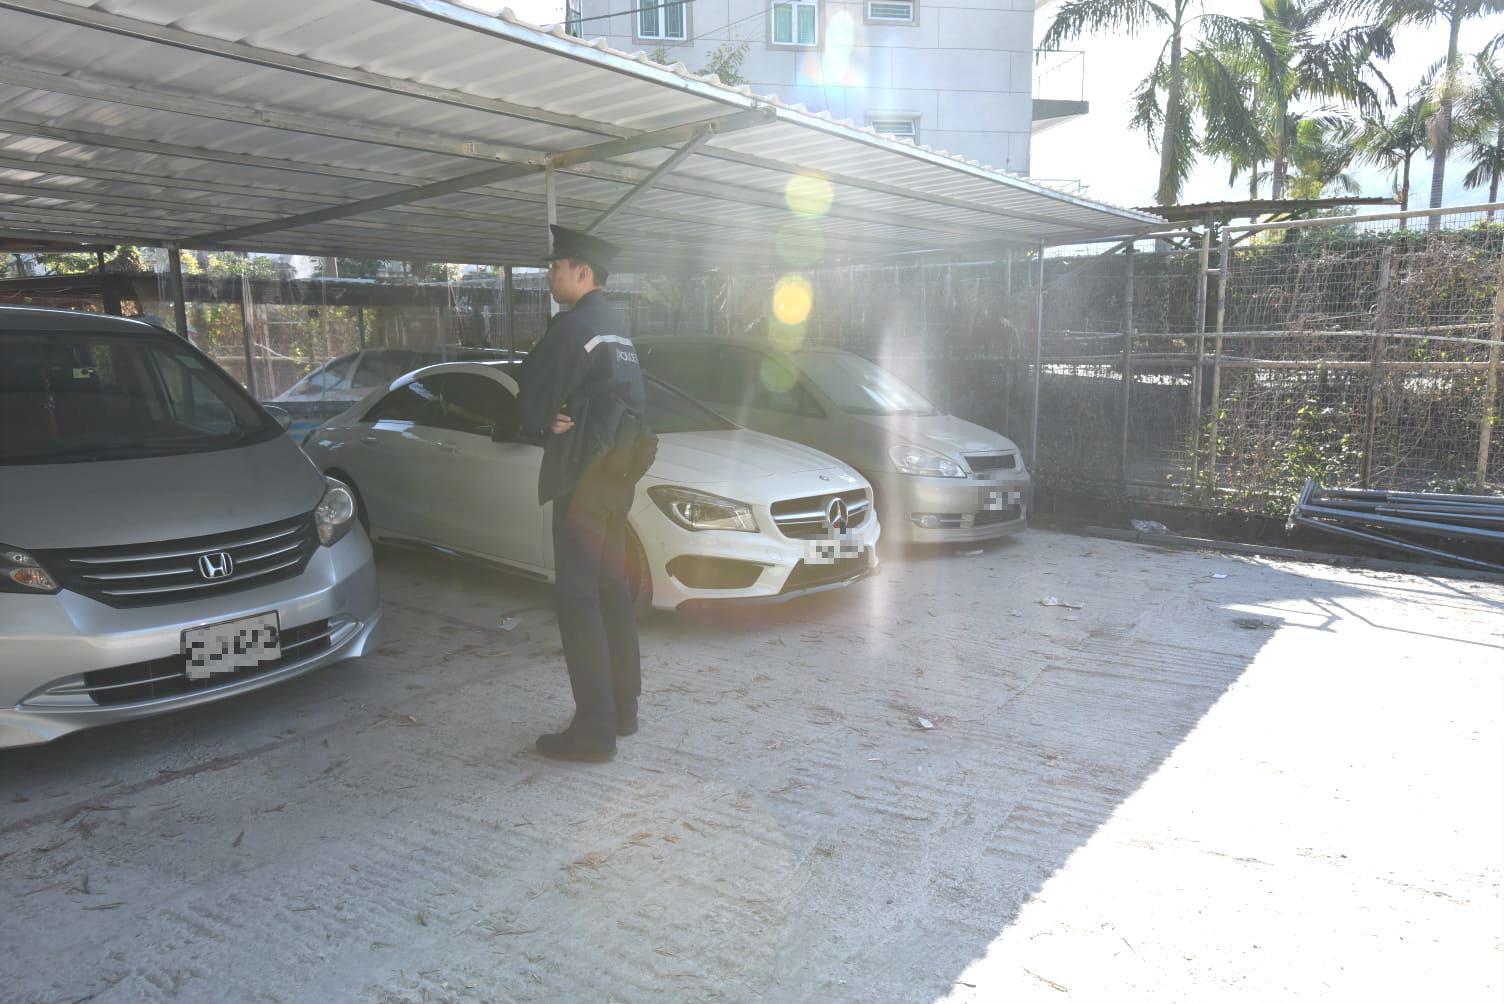 警方拘捕二人涉嫌非法燃放煙花爆竹。